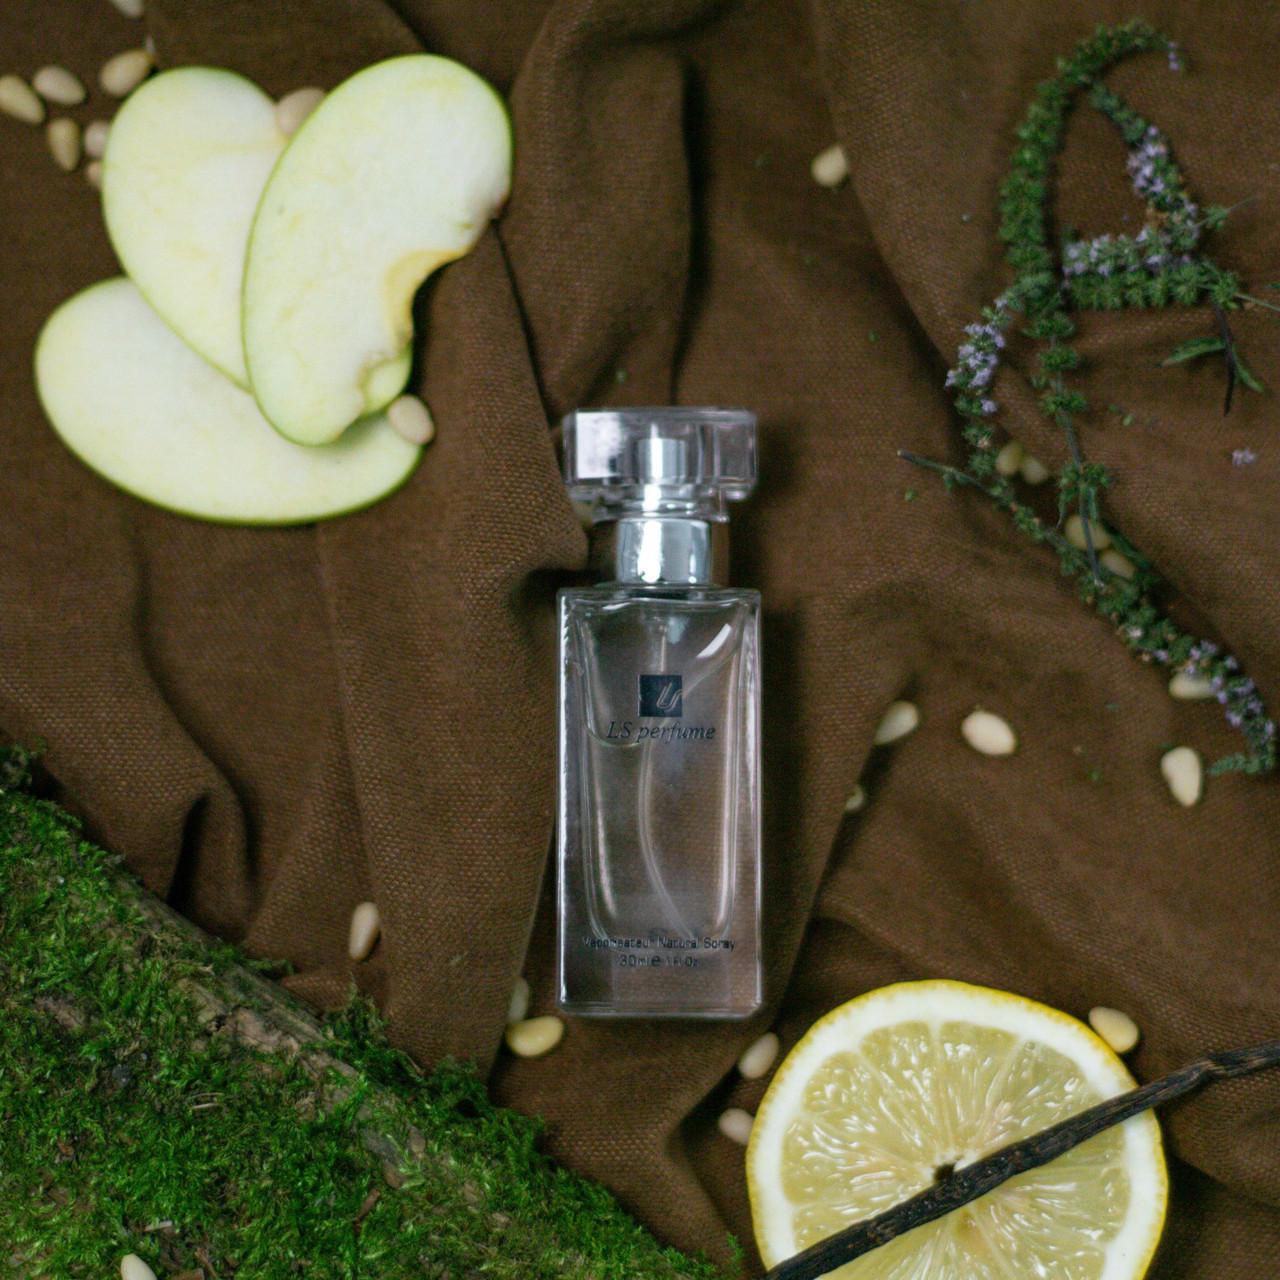 E157 по мотивам Eros, Versace 30 ml